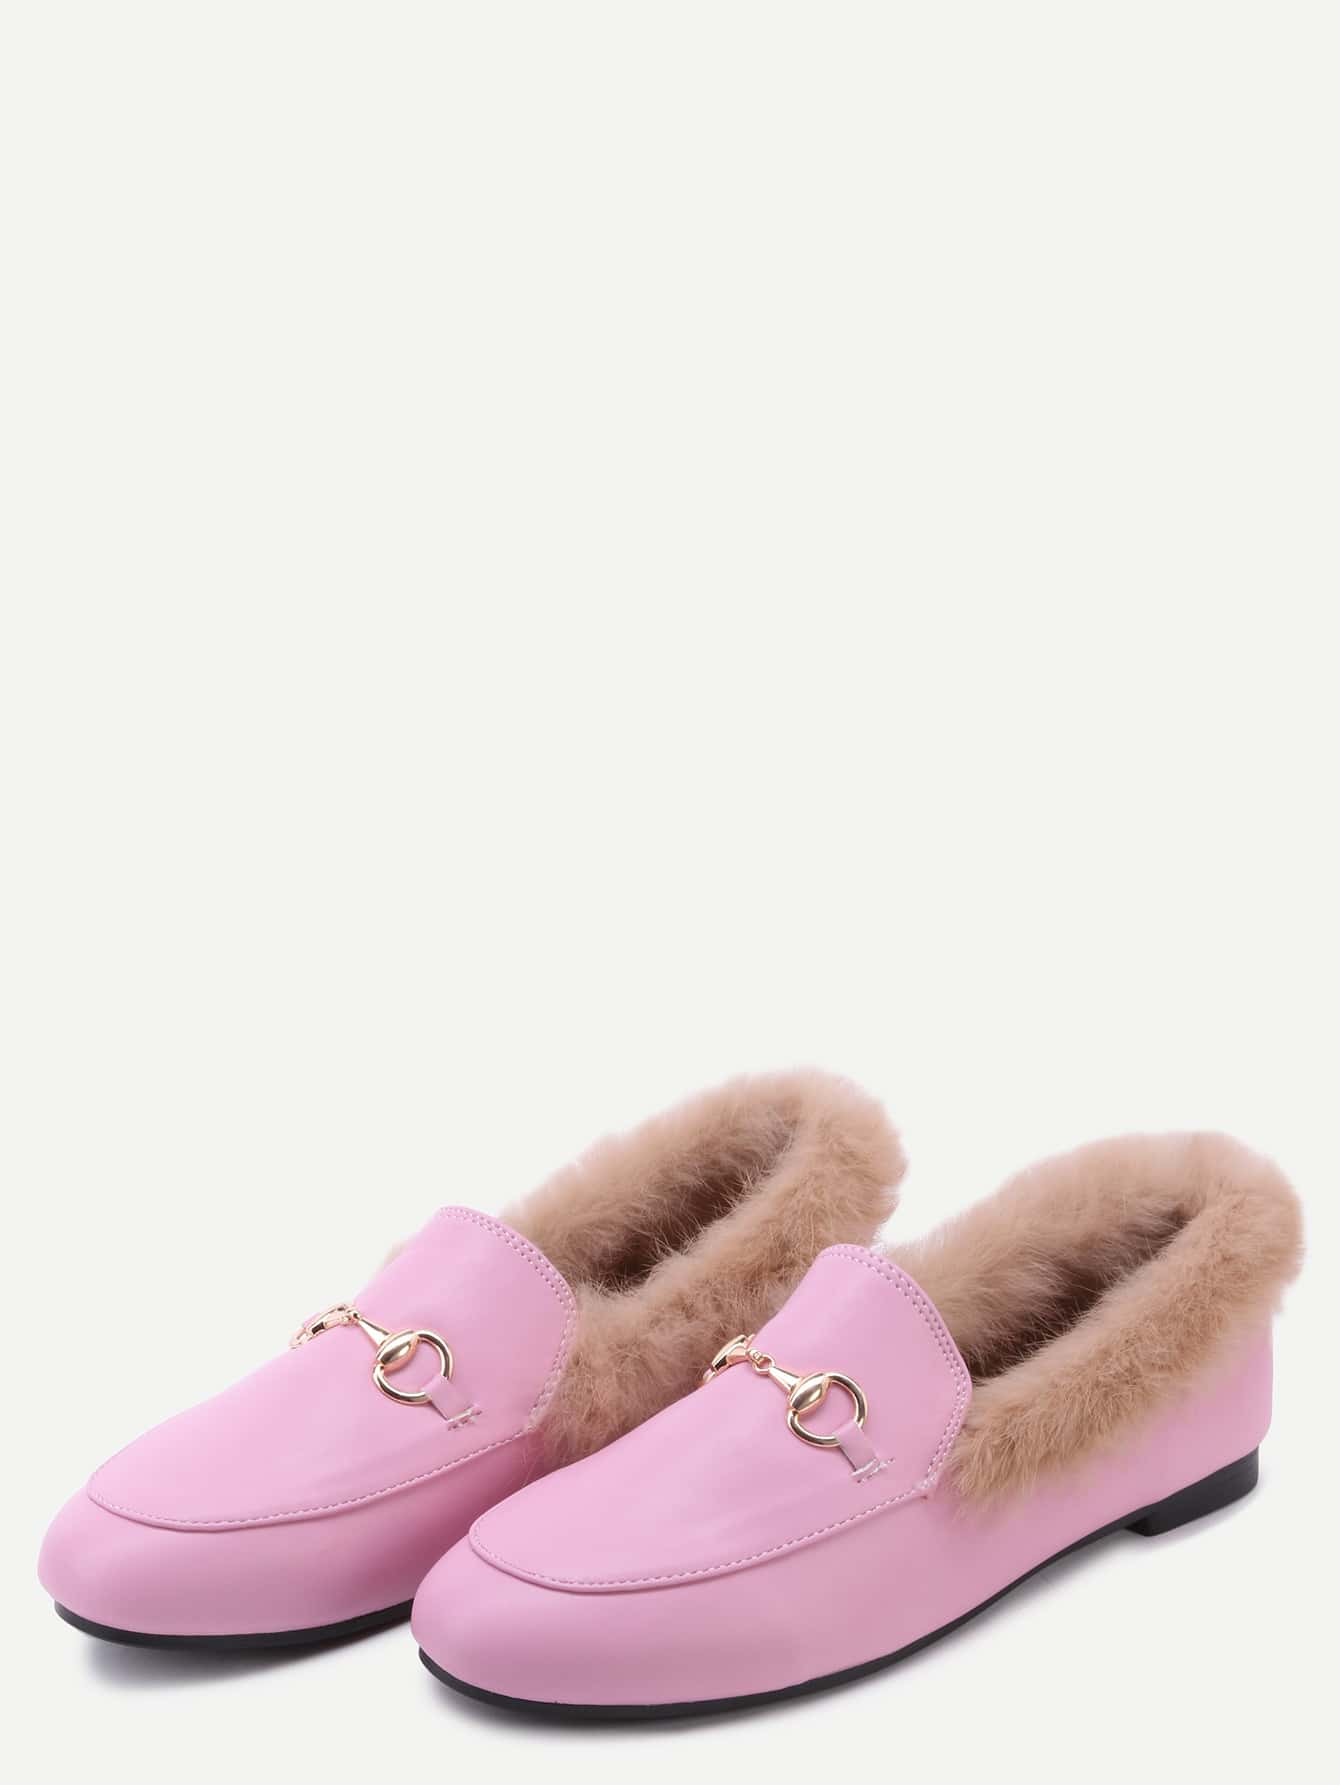 shoes161007803_2